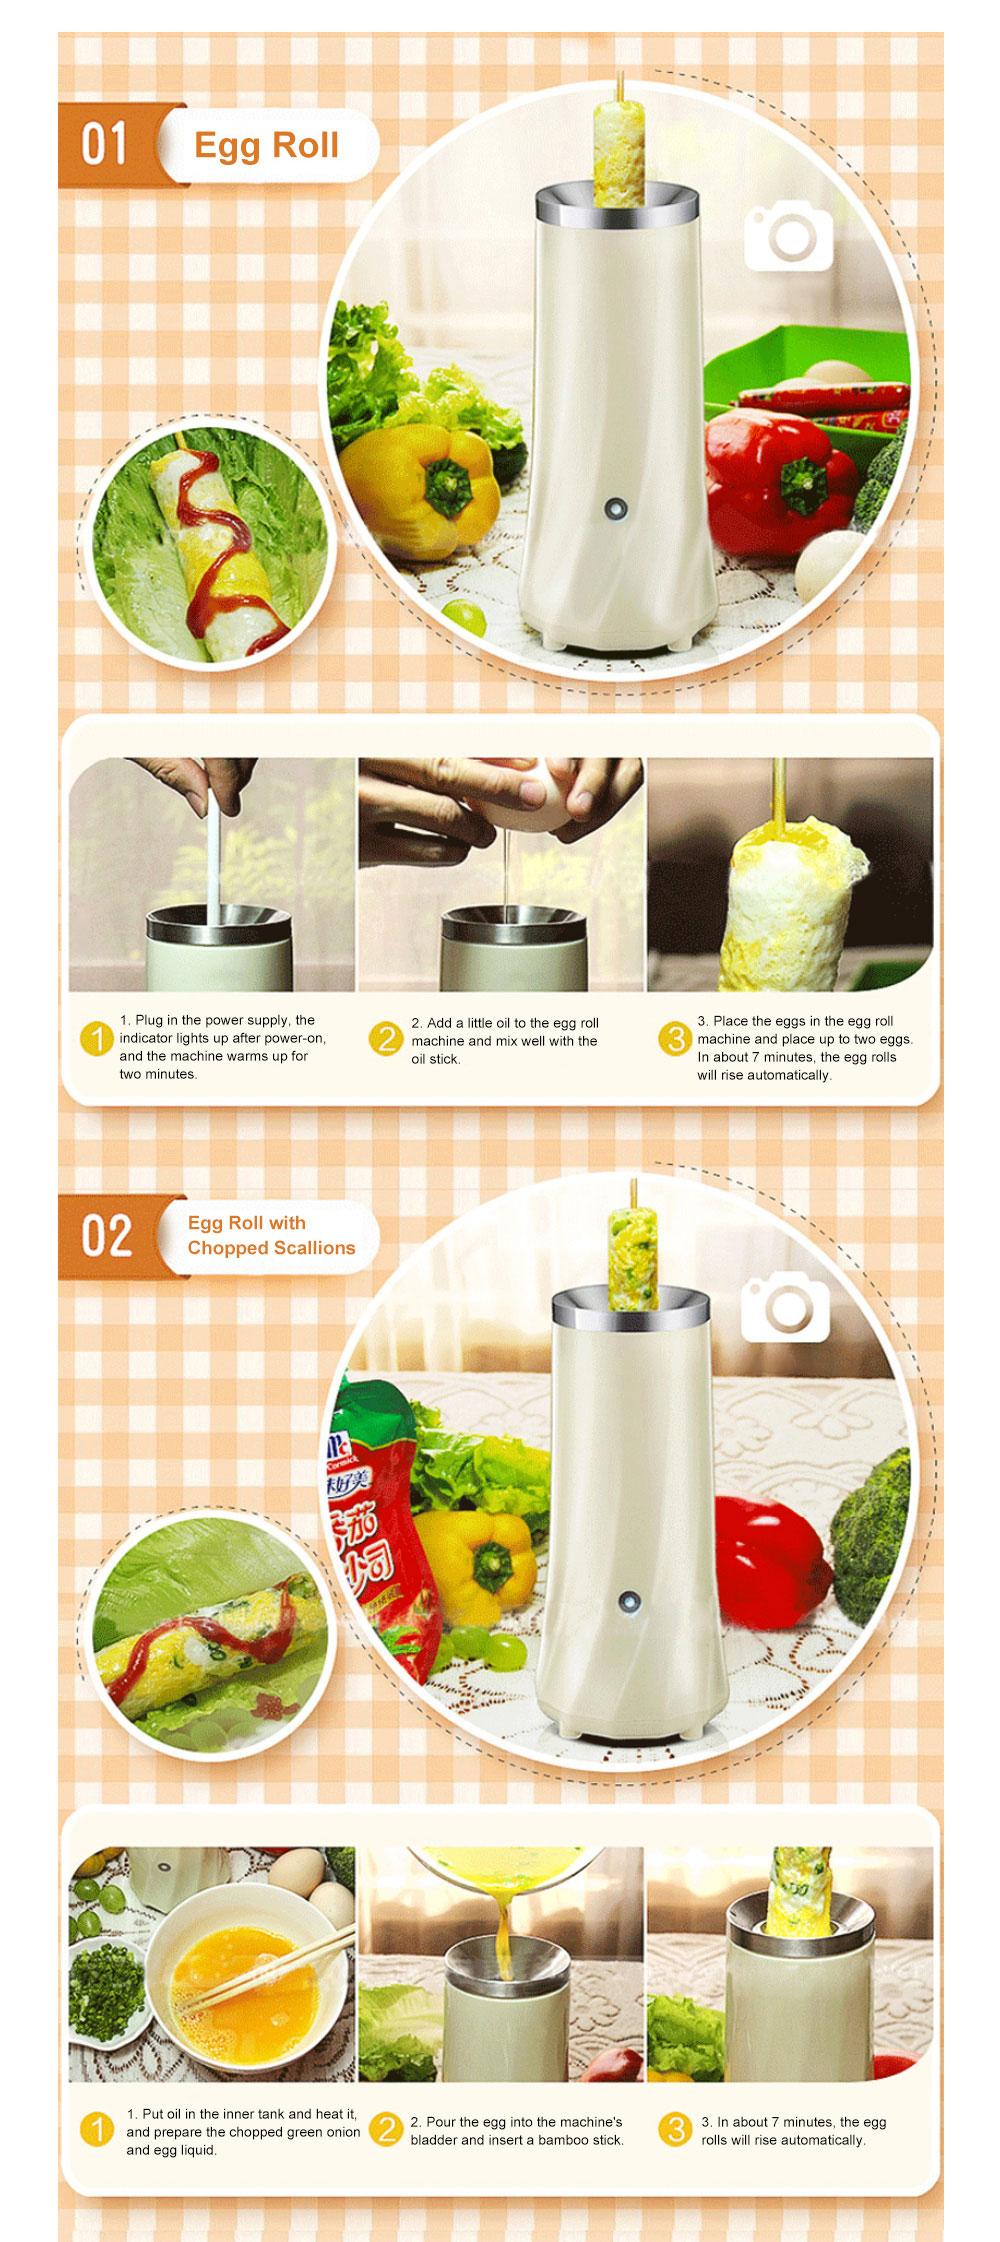 Portable Multifunctional Egg Roll Maker Household Automatic Breakfast Egg Fryer Stainless Steel Maker Easy-Operation Single Tube Omelet Electric Machine 7